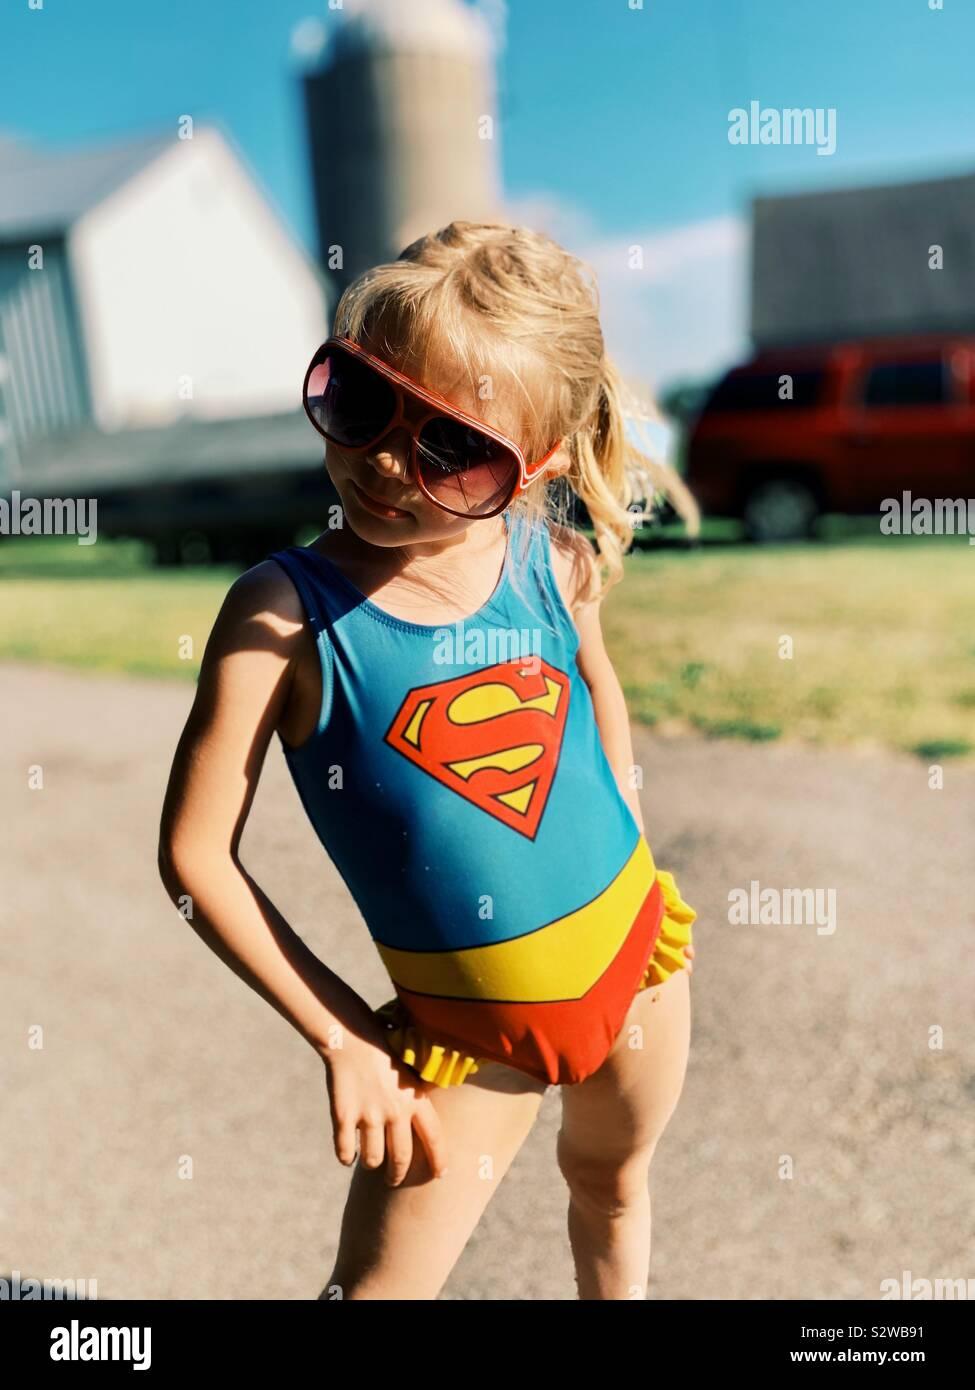 Junge Mädchen in rot Sonnenbrille und supergirl Badeanzug posiert mit frechen Haltung Stockfoto